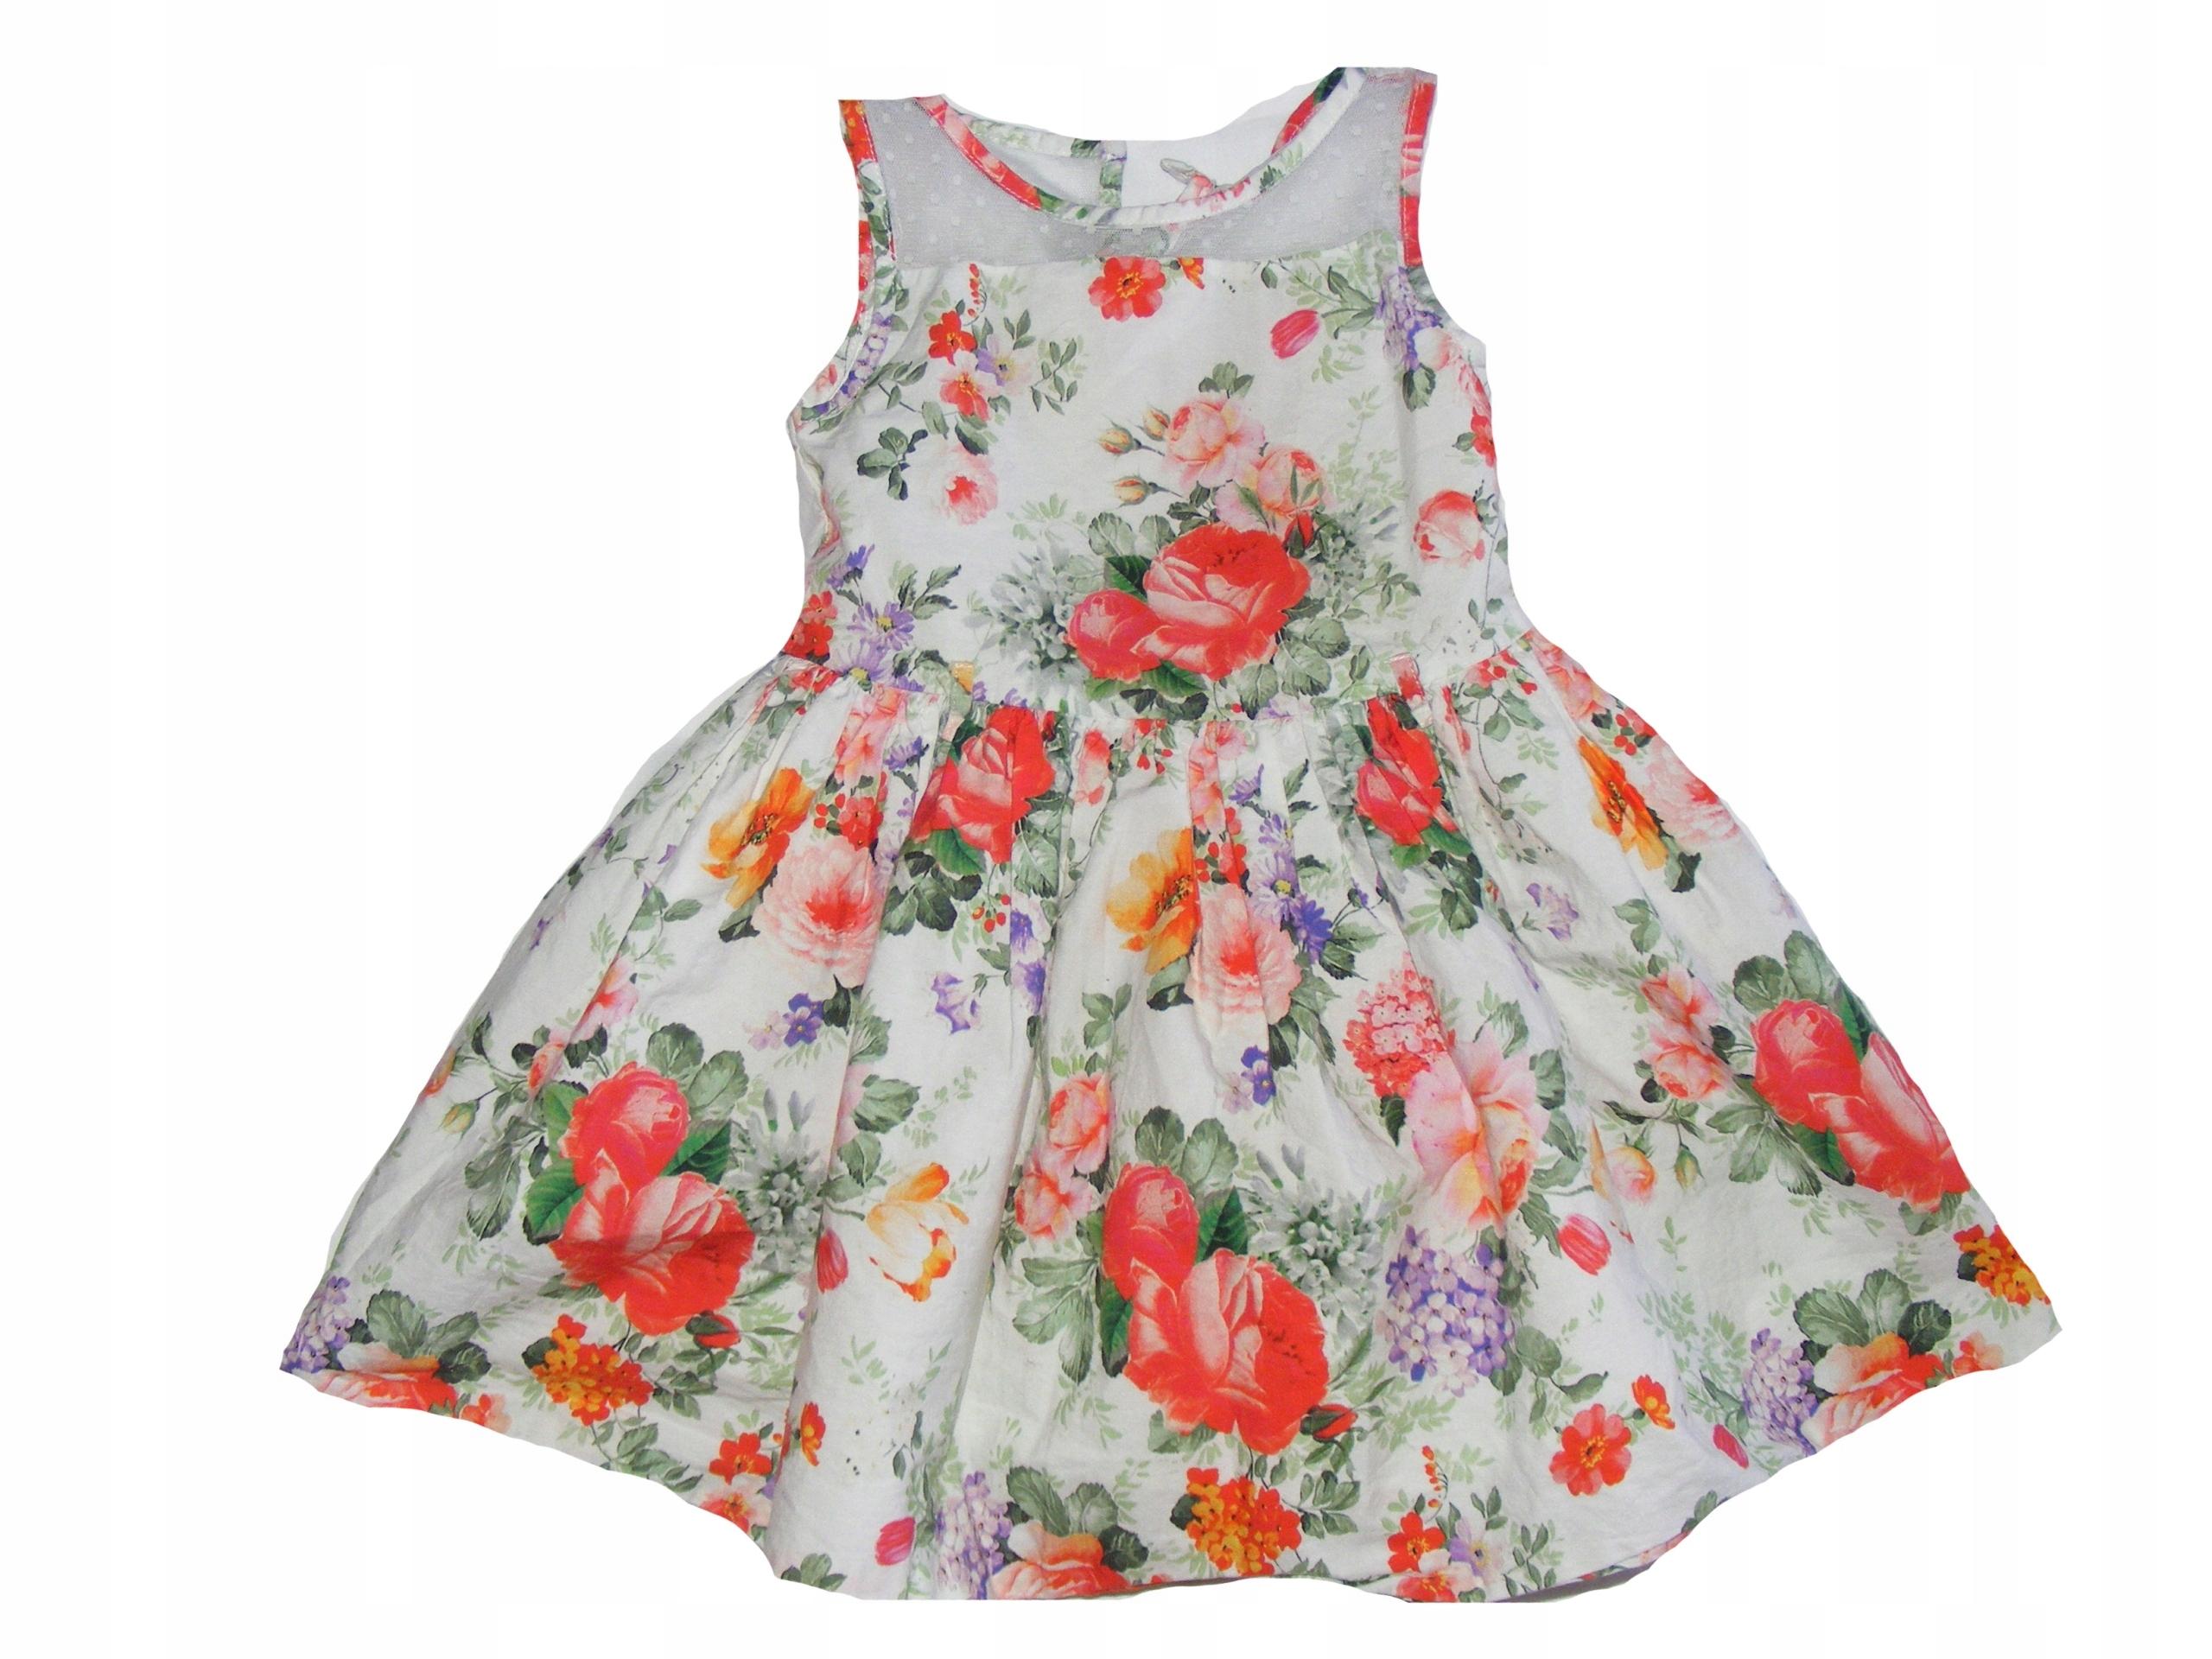 40a6b412ca Sukienka dla dziewczynki KWIATY 98 3 lata wesele - 7524263138 ...